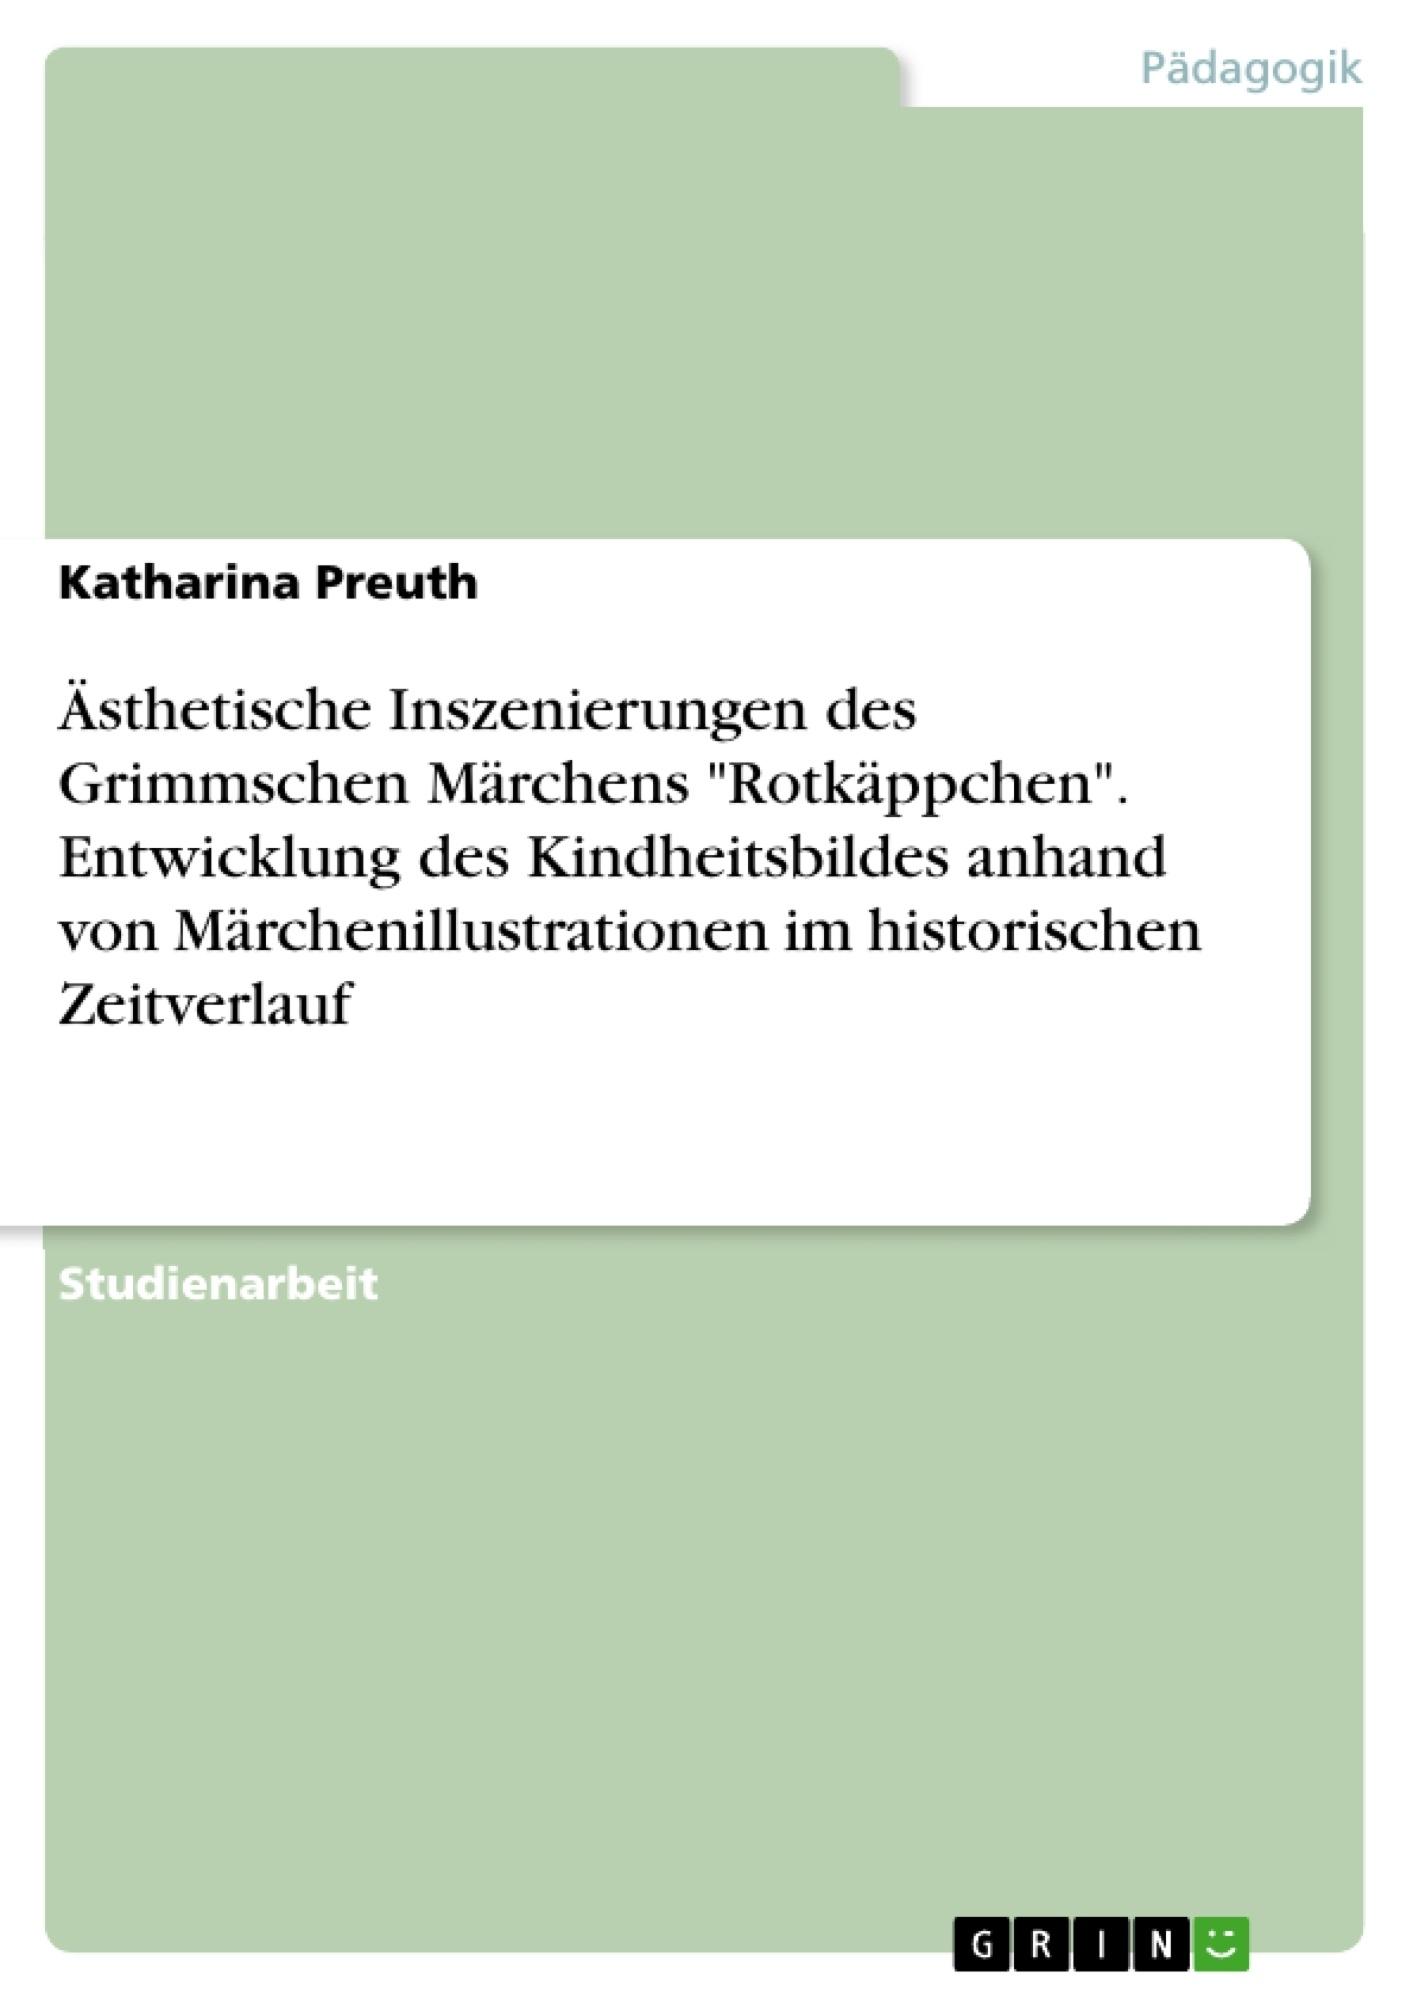 """Titel: Ästhetische Inszenierungen des Grimmschen Märchens """"Rotkäppchen"""". Entwicklung des Kindheitsbildes anhand von Märchenillustrationen im historischen Zeitverlauf"""